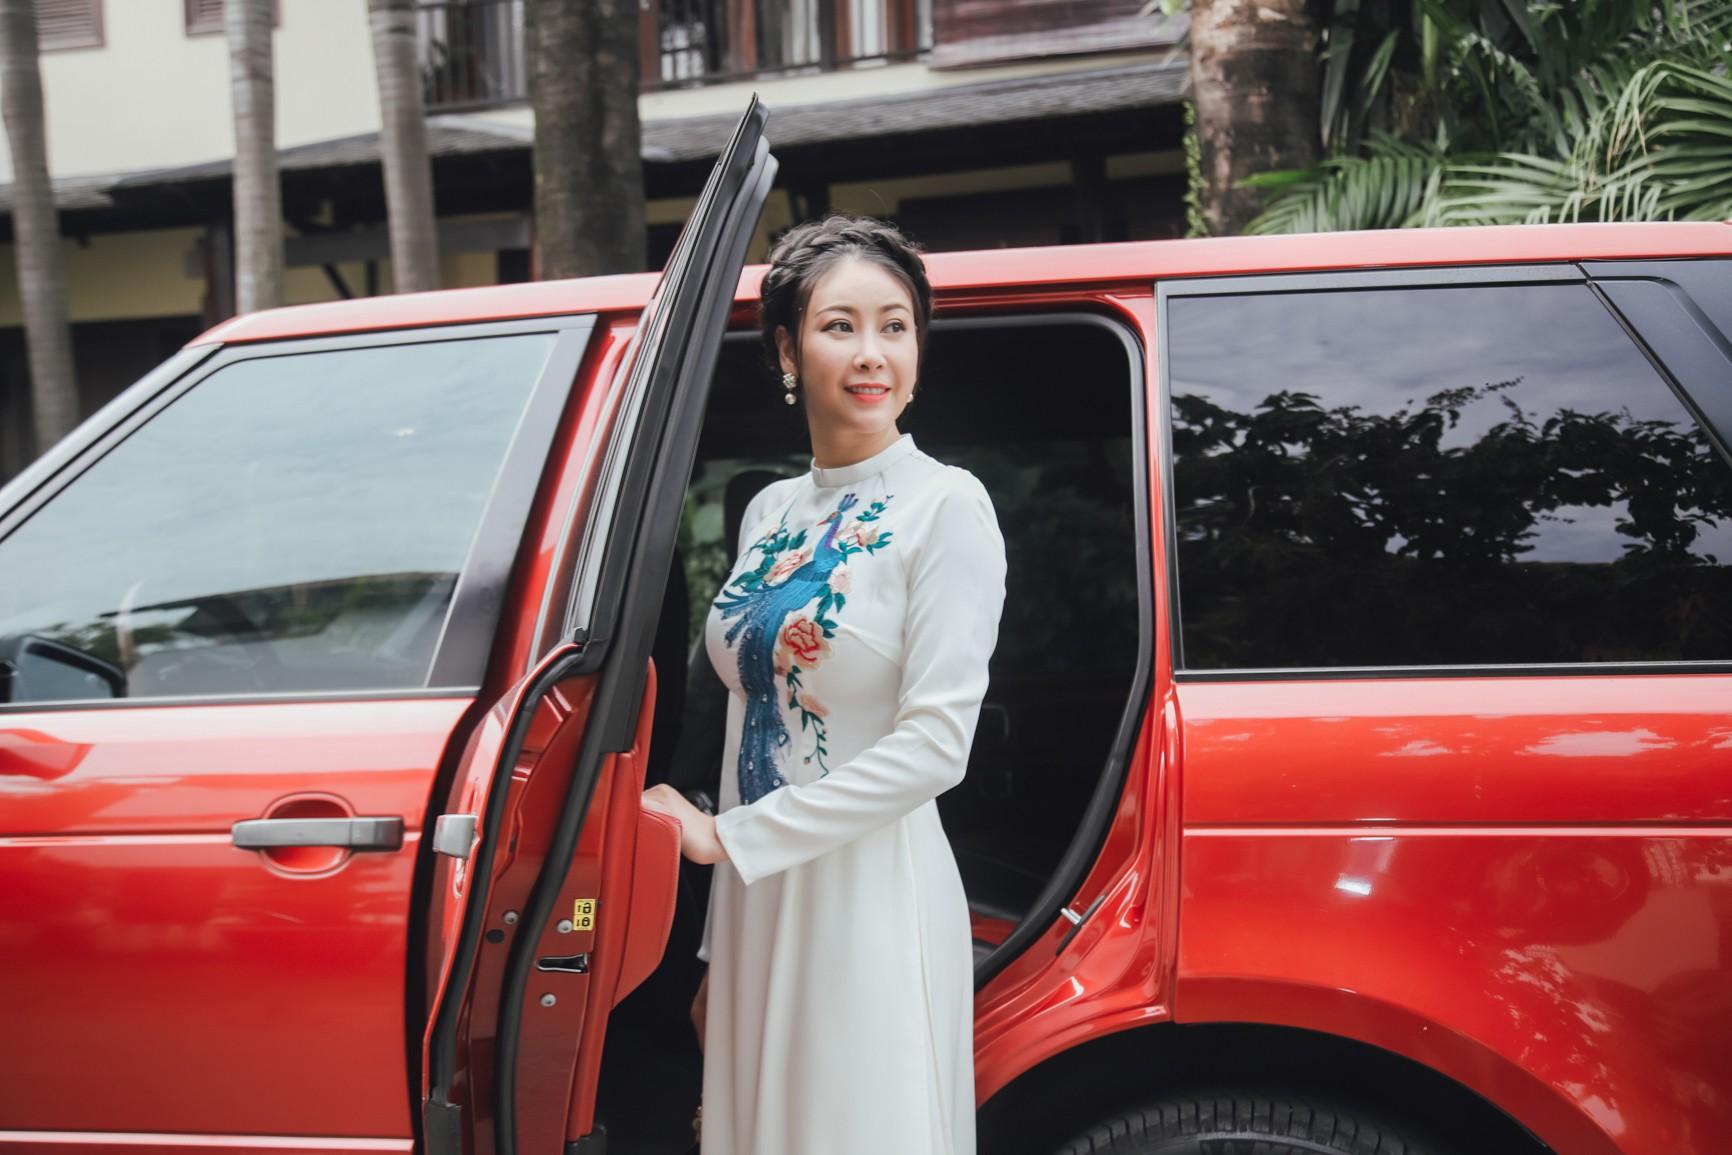 Đã là mẹ 3 con, Hà Kiều Anh vẫn khiến mọi người trầm trồ vì nhan sắc nổi bật